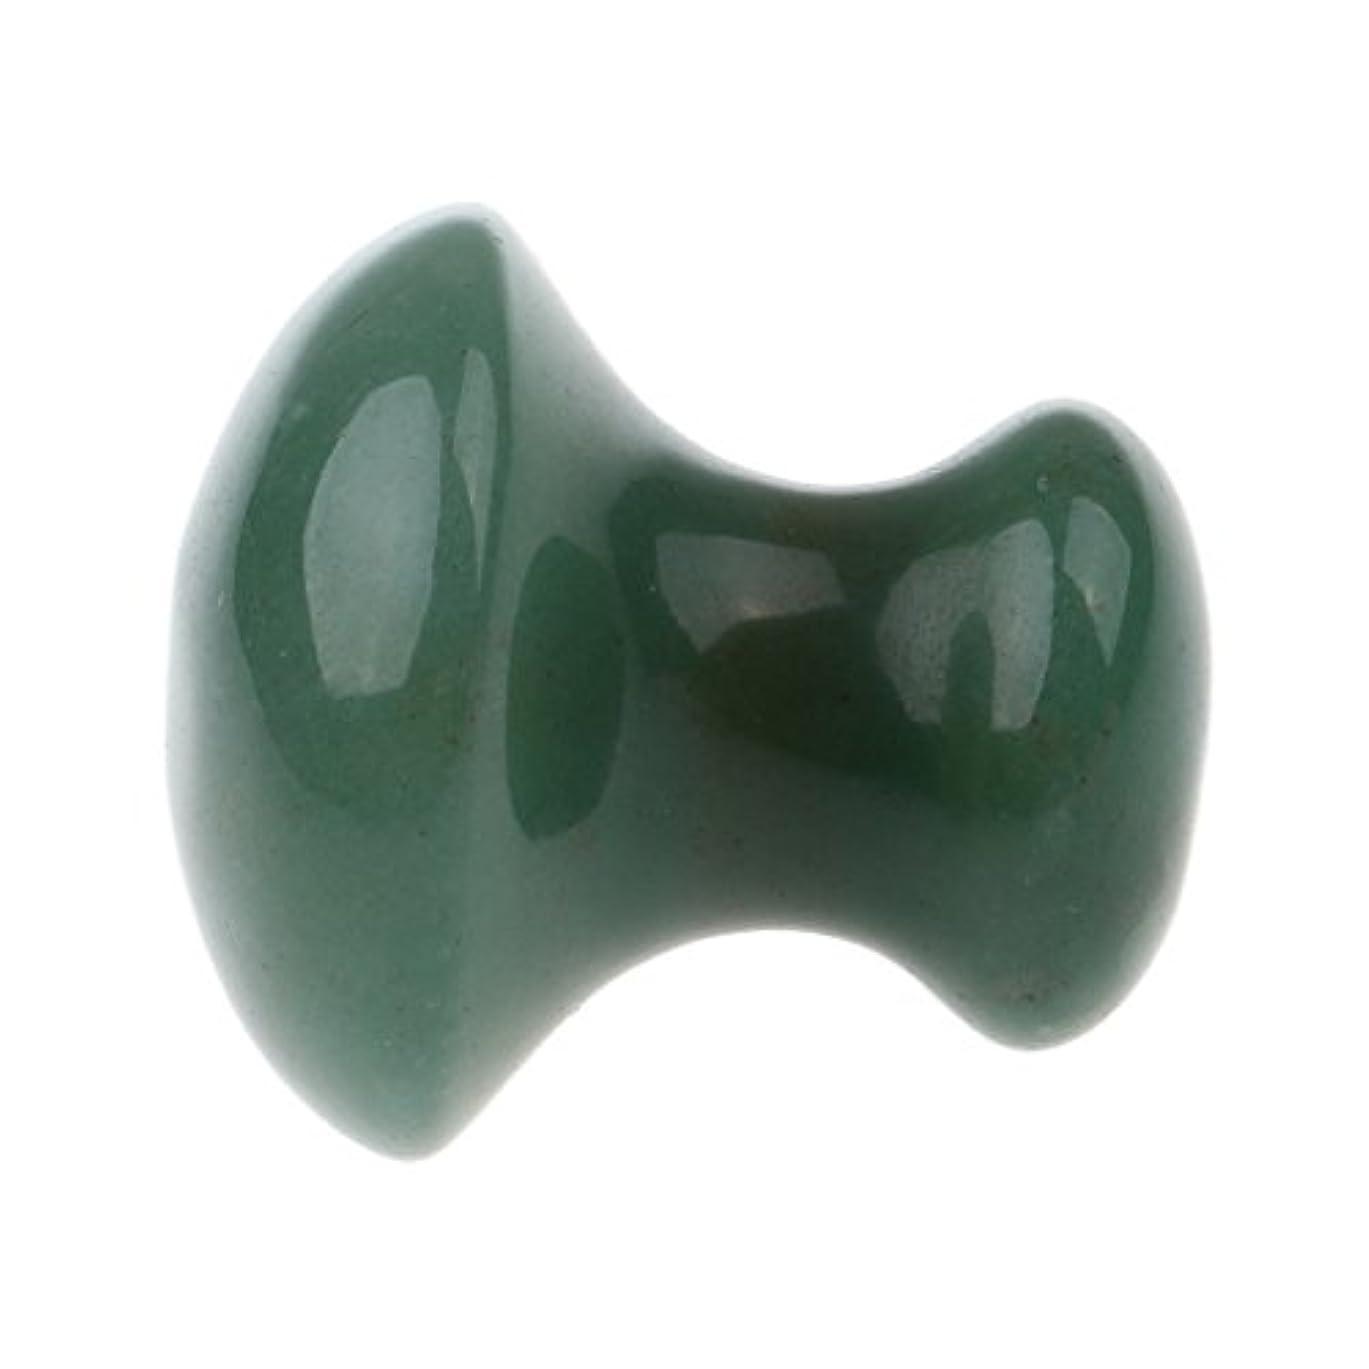 偽それに応じて徐々にマッサージストーン 石 ストーン 美容 マッシュルーム スキンケア 2色選べる - 緑